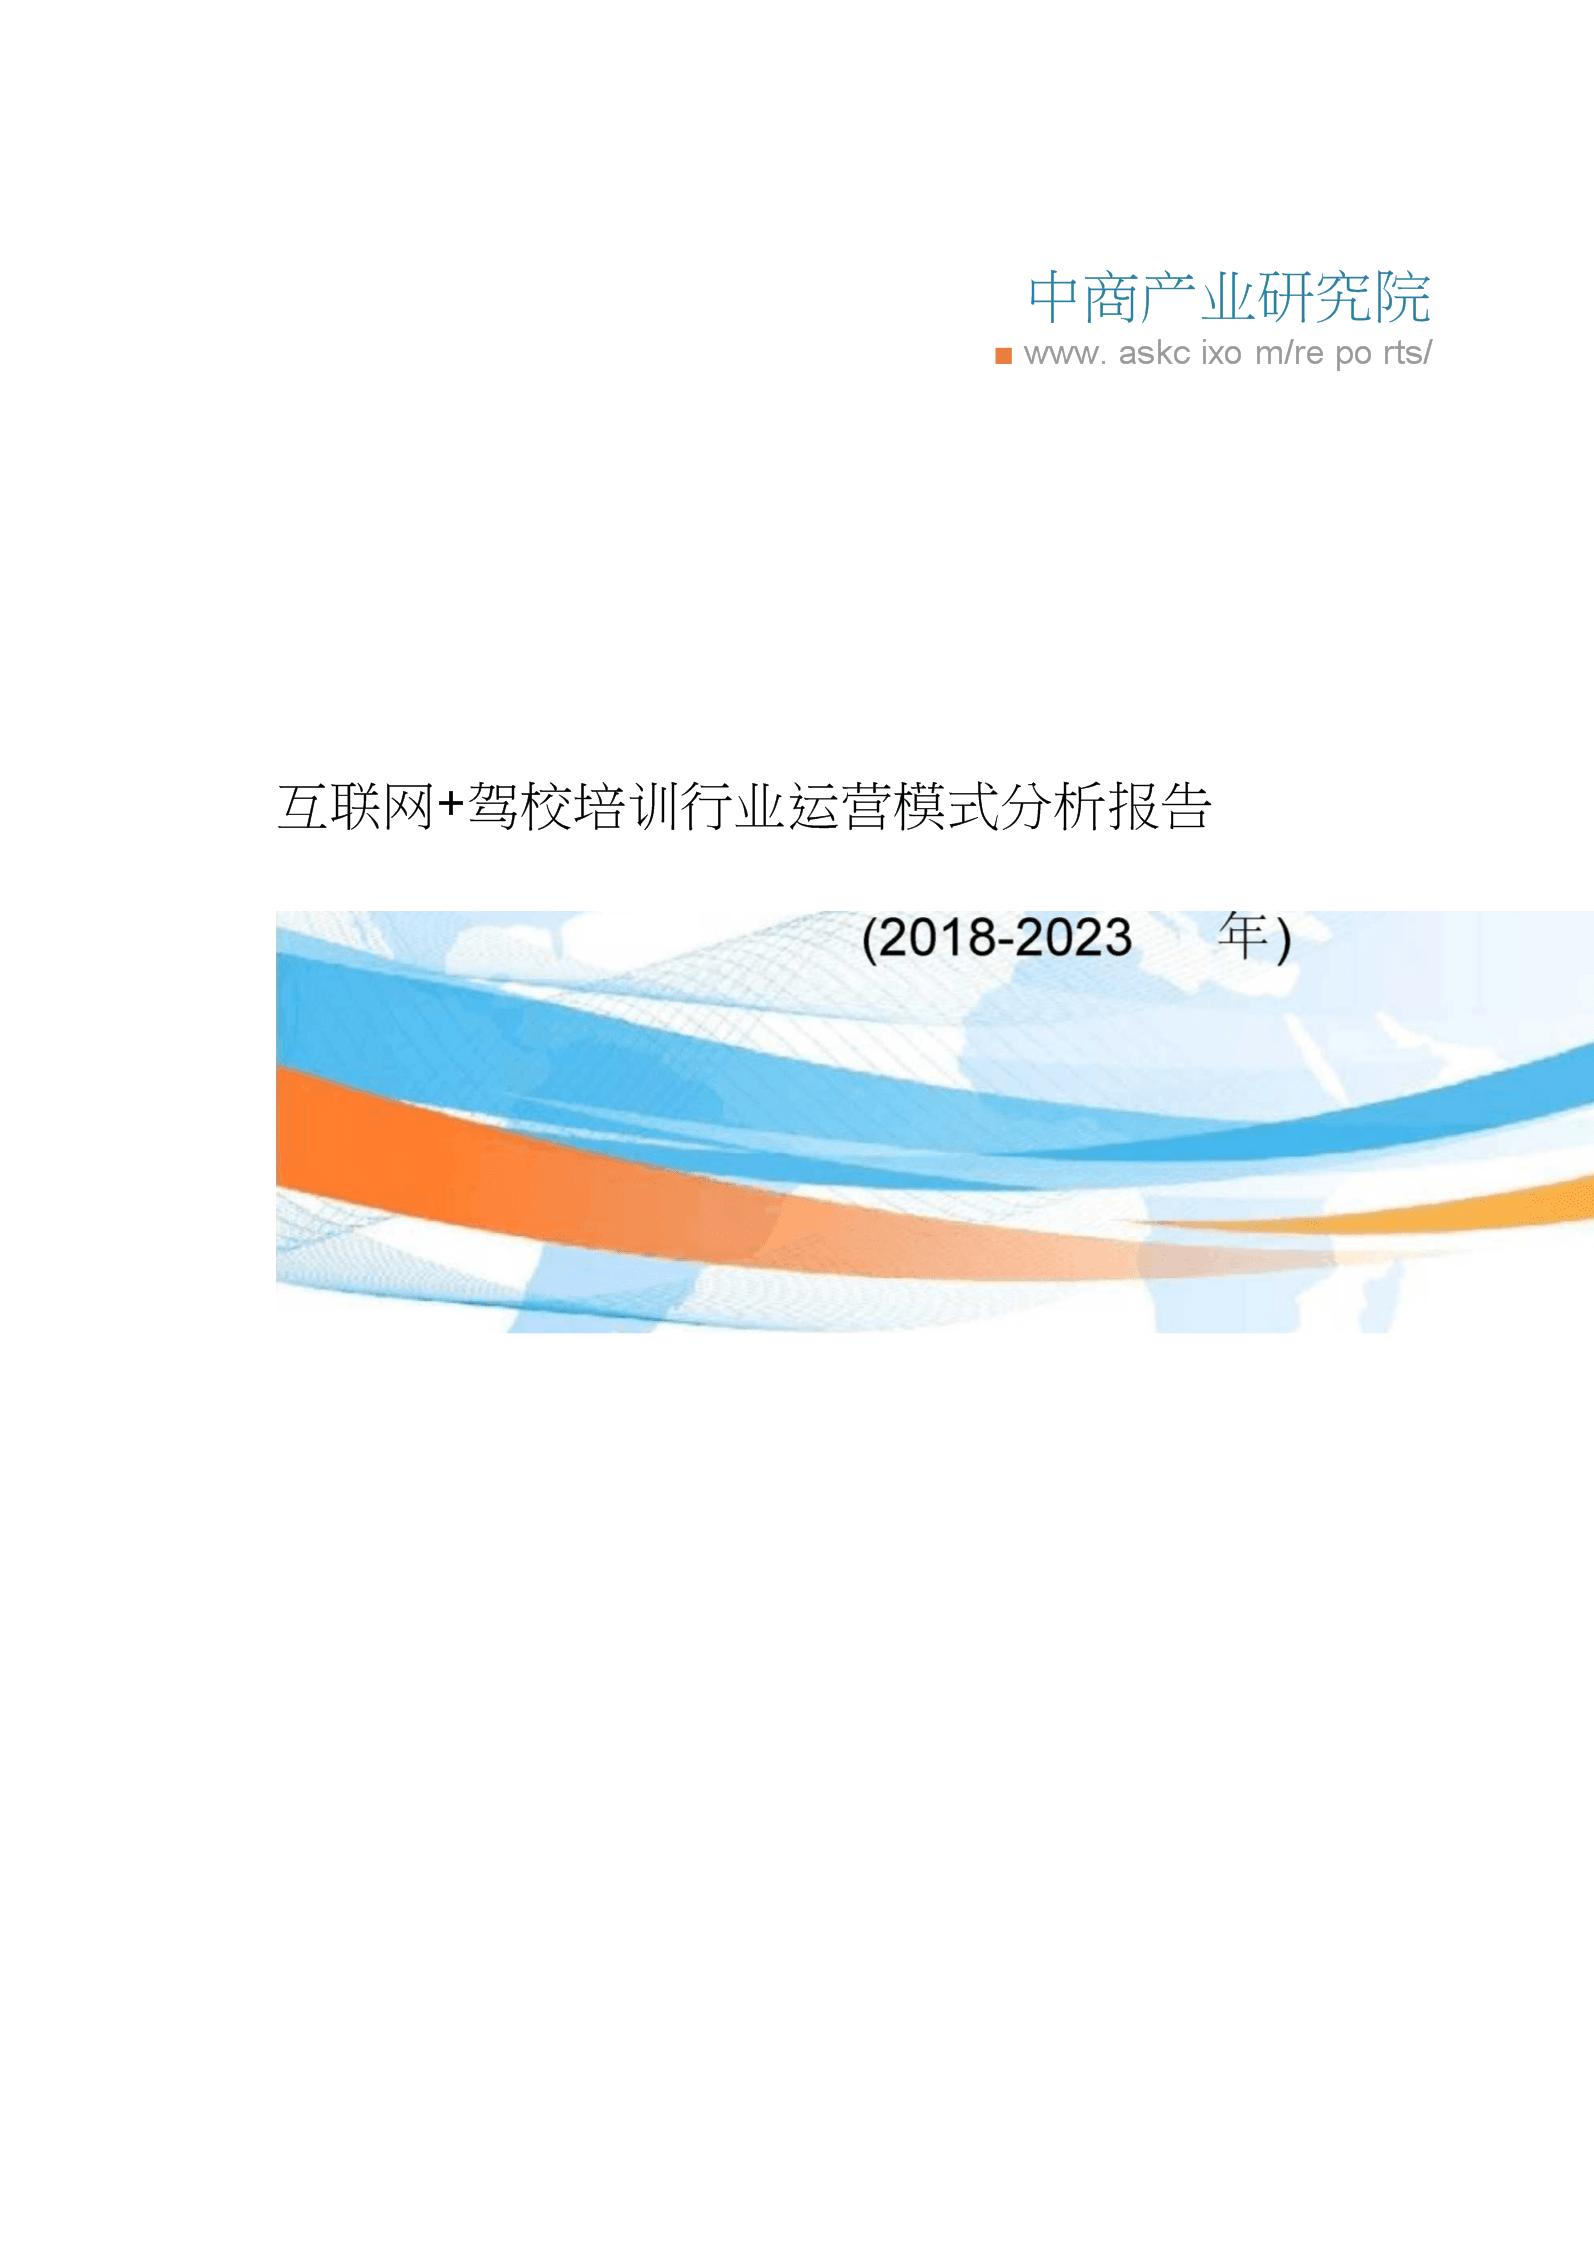 互联网驾校培训行业运营模式分析报告2018-2023年(目录).docx